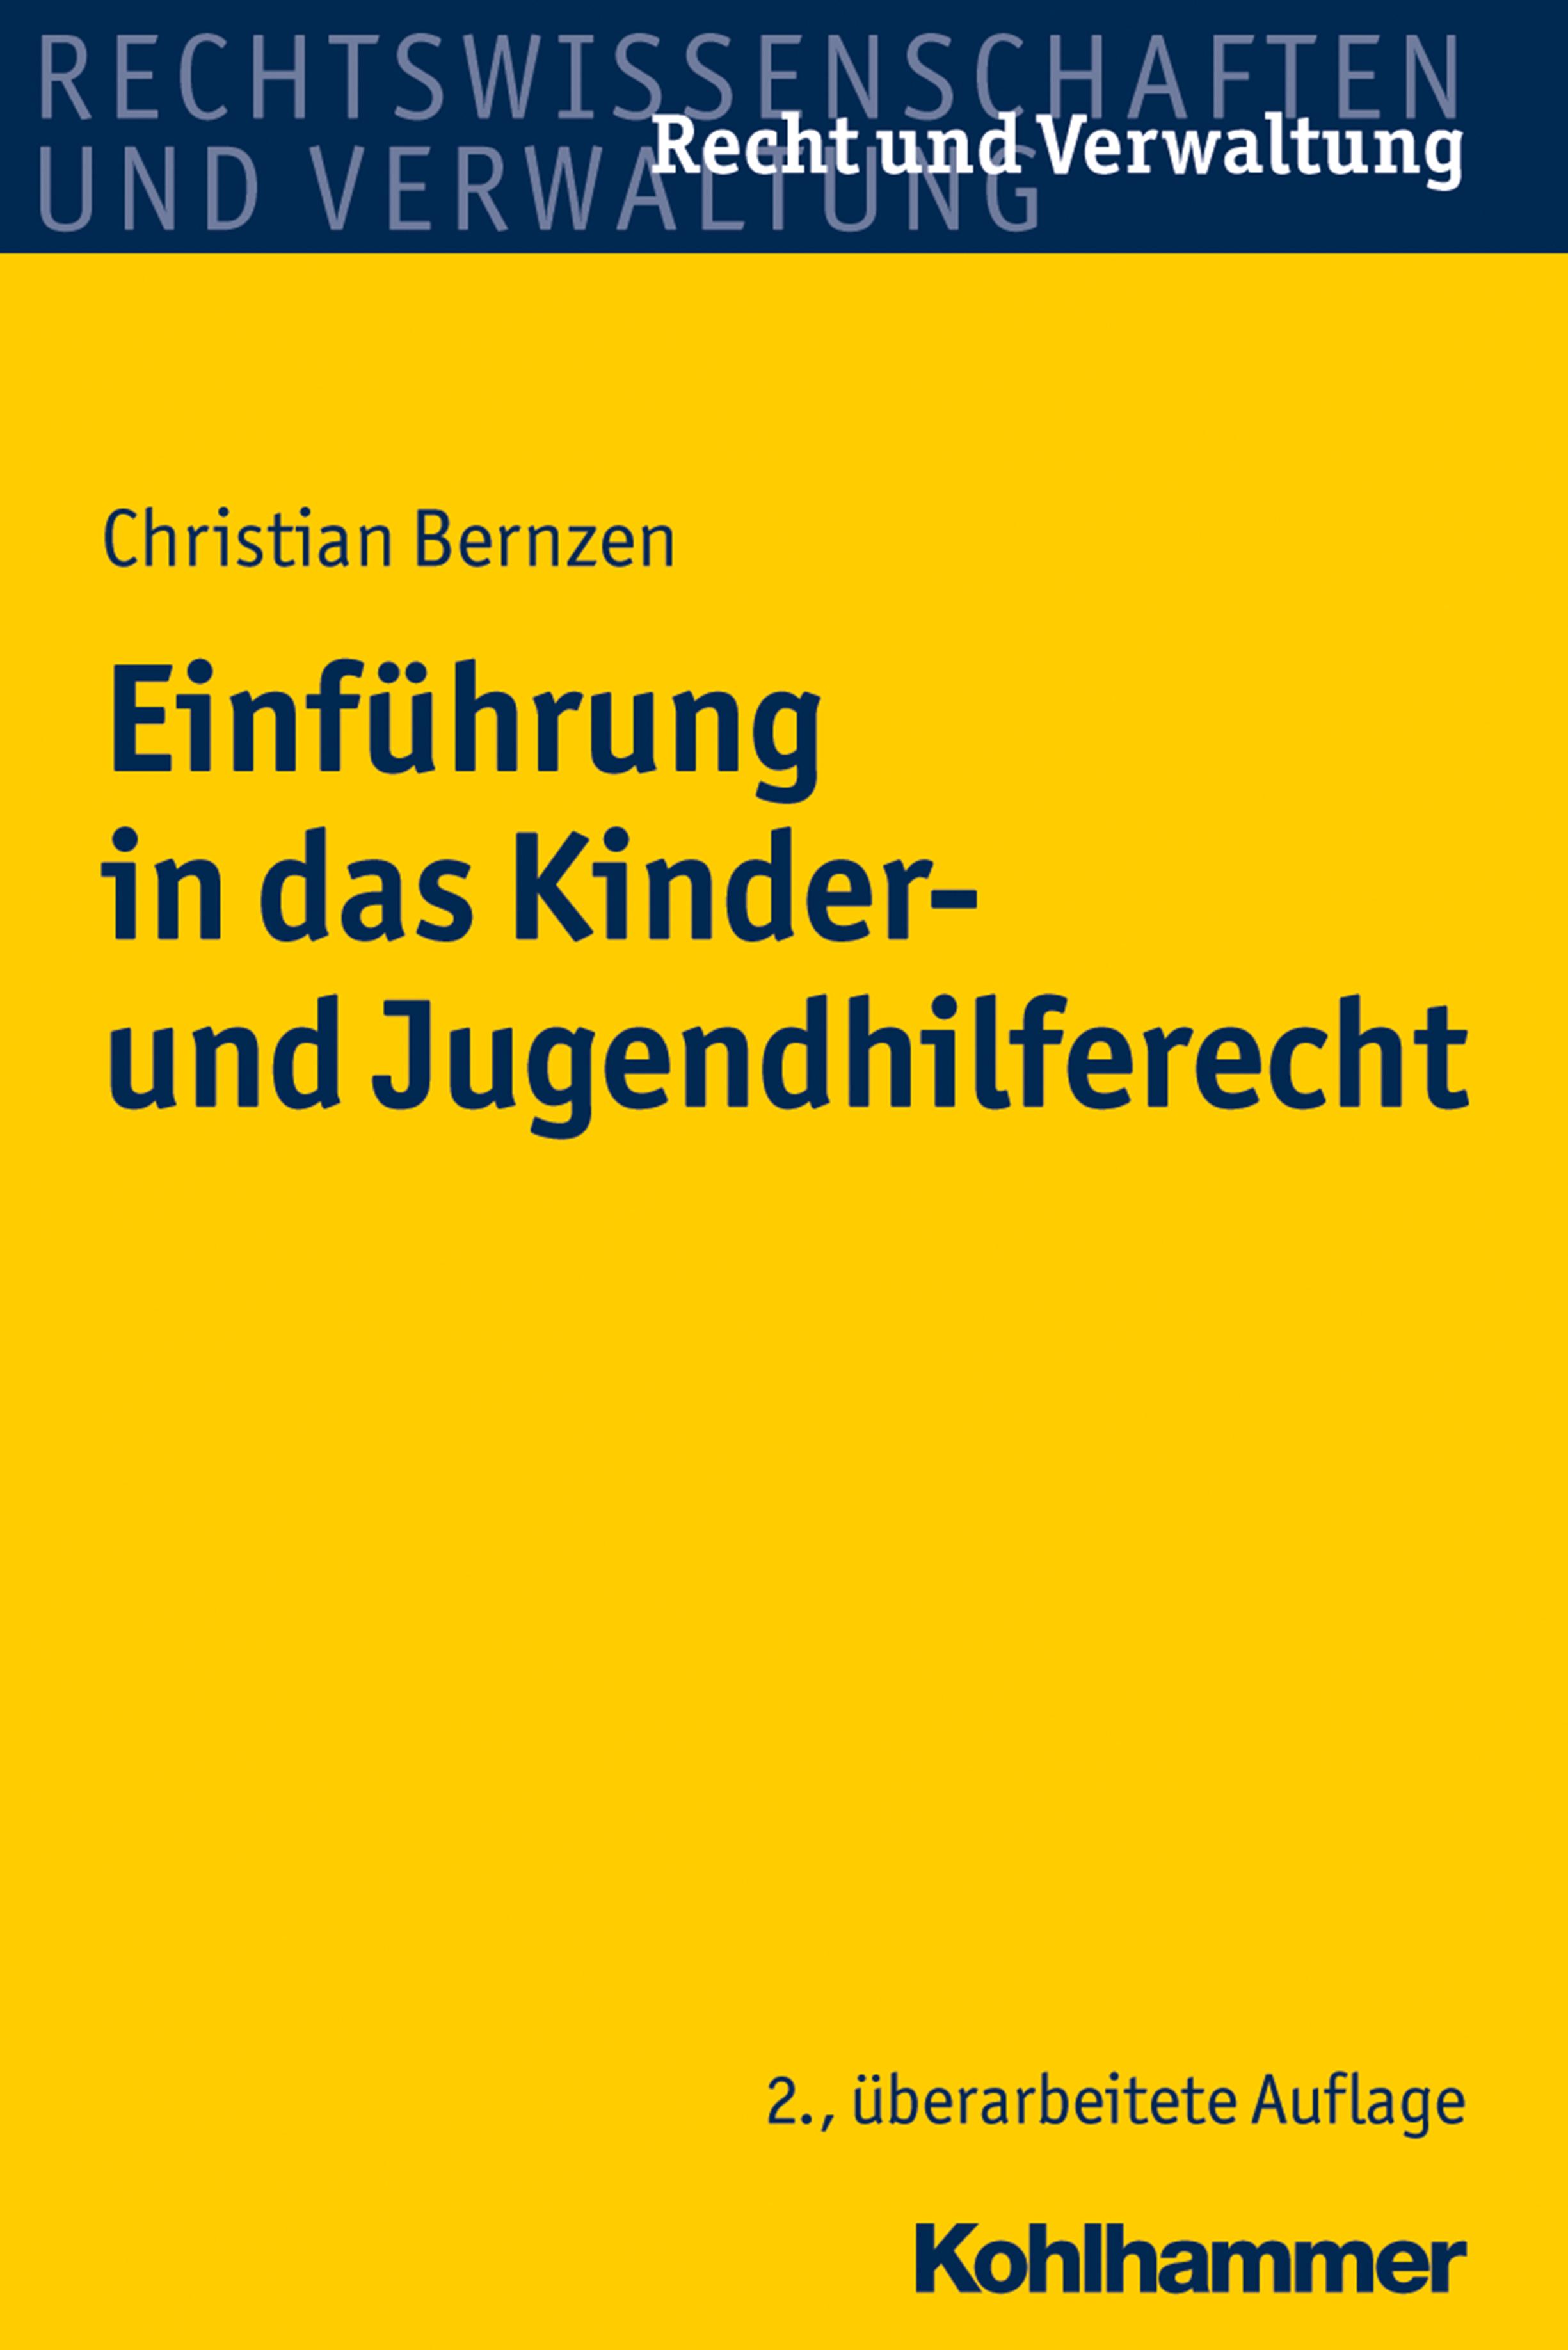 цены Christian Bernzen Einführung in das Kinder- und Jugendhilferecht